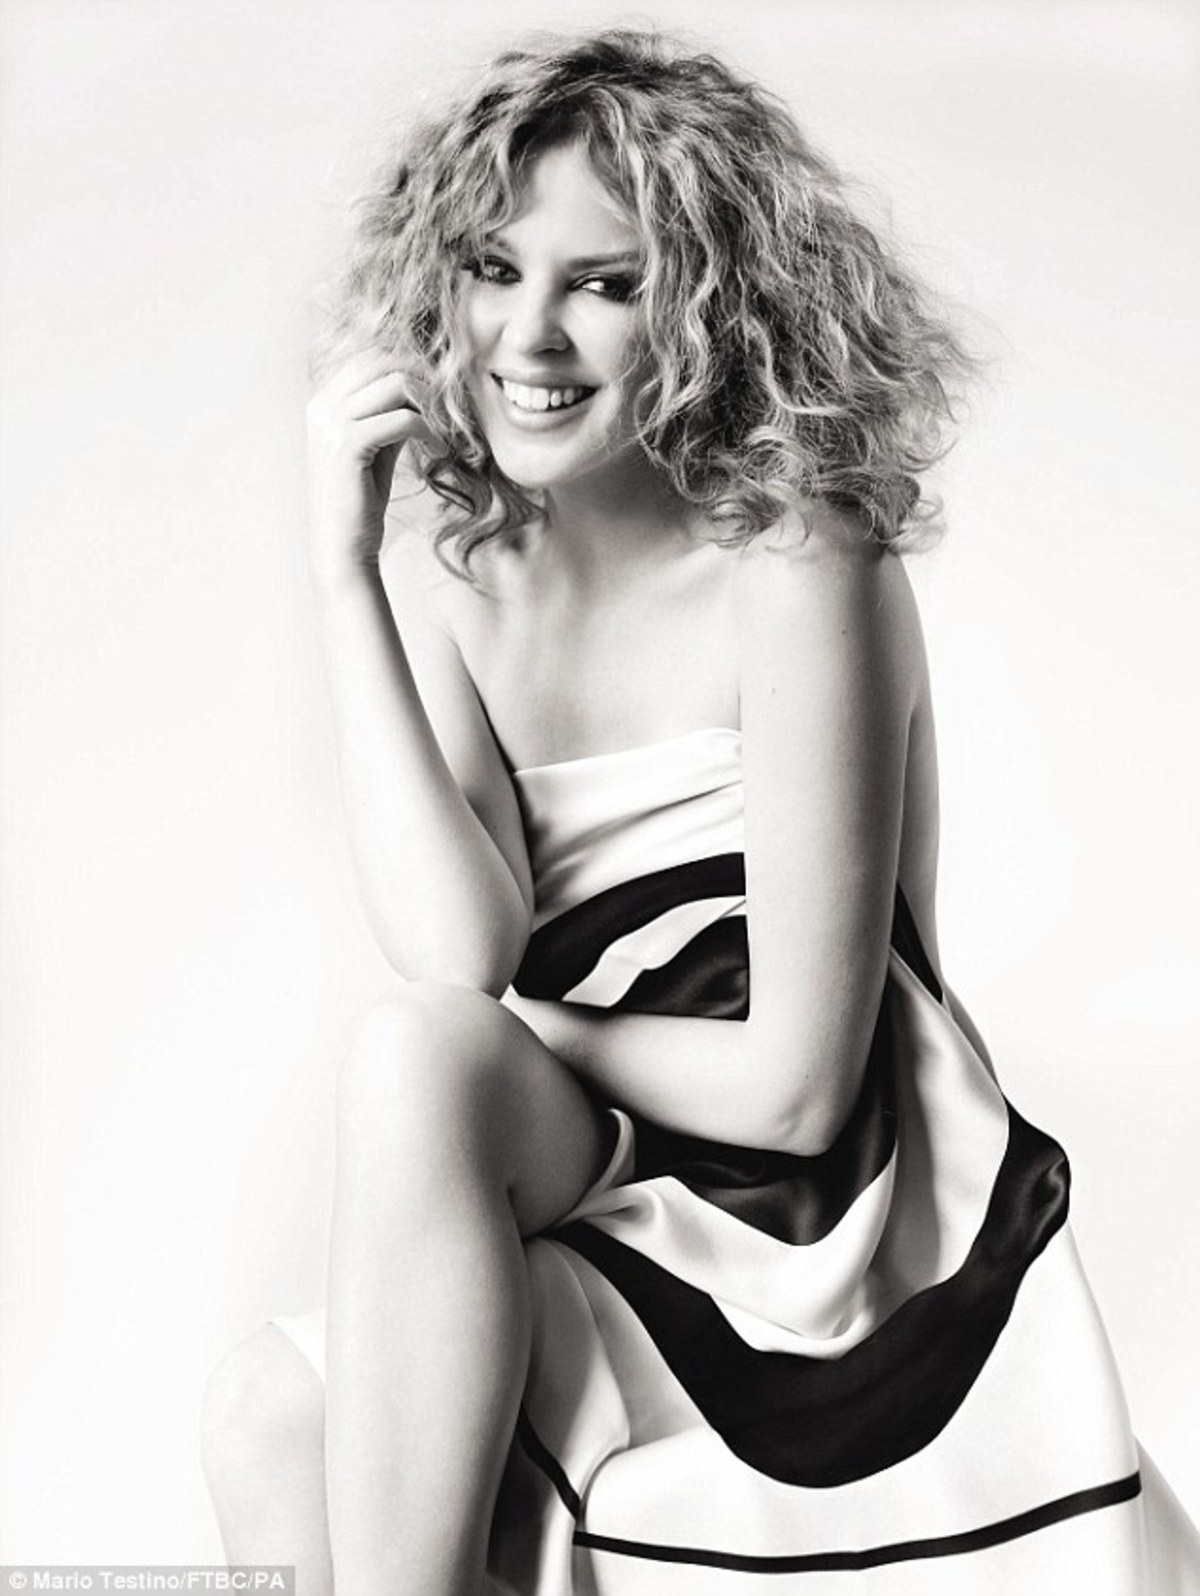 Η Kylie Minogue φωτογραφίζεται γυμνή για καλό σκοπό! | Newsit.gr